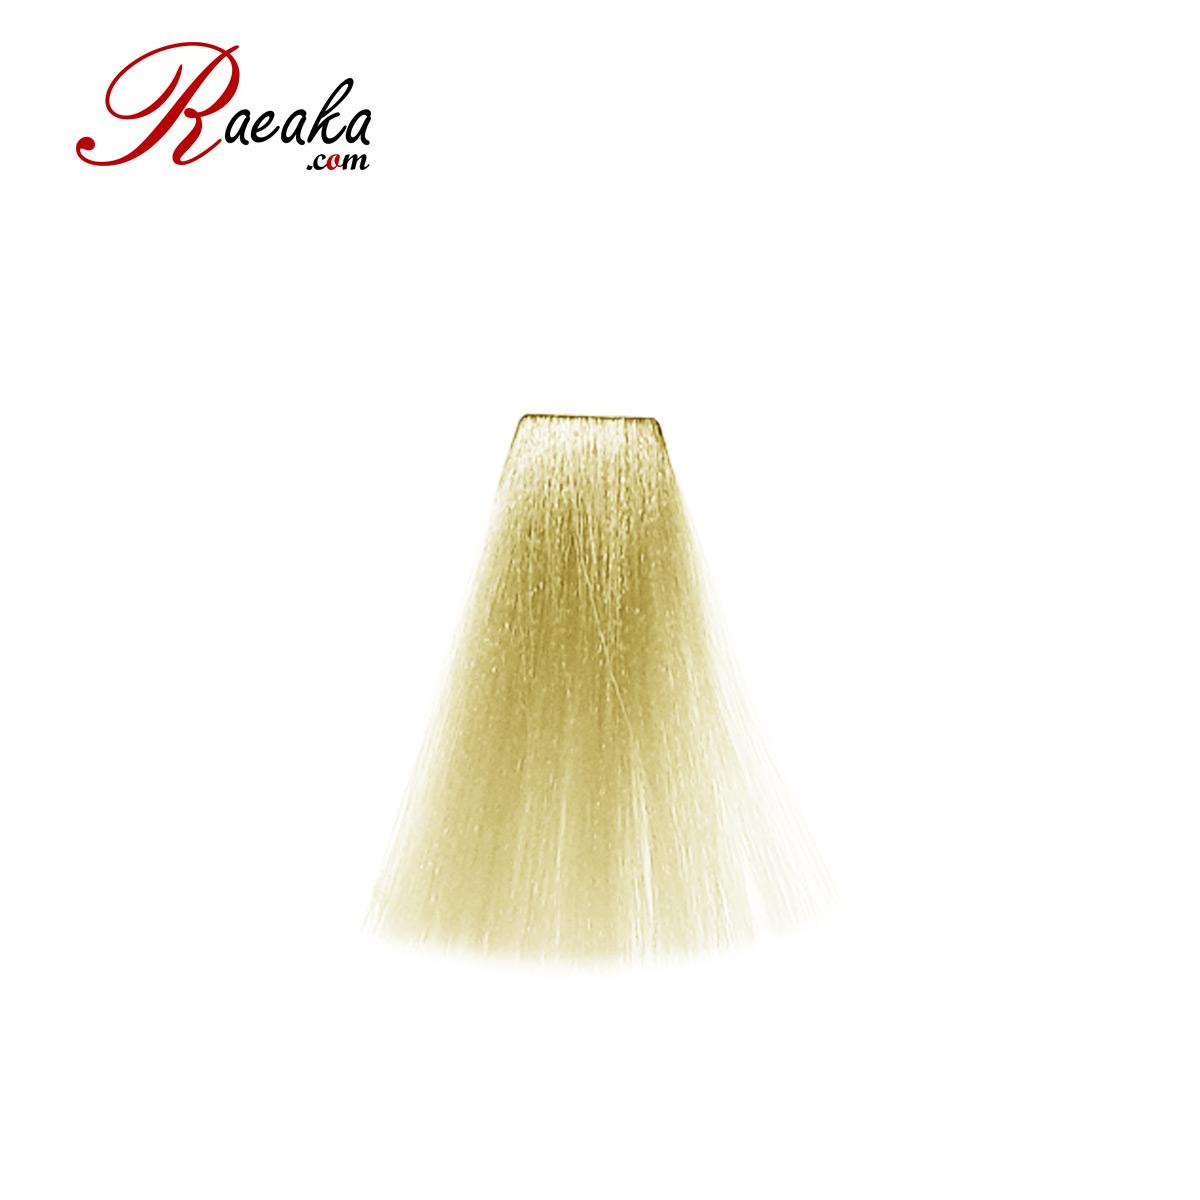 رنگ مو دوشس سری هایلایت حرفه ای شماره 70-12 حجم 125 میلی لیتر